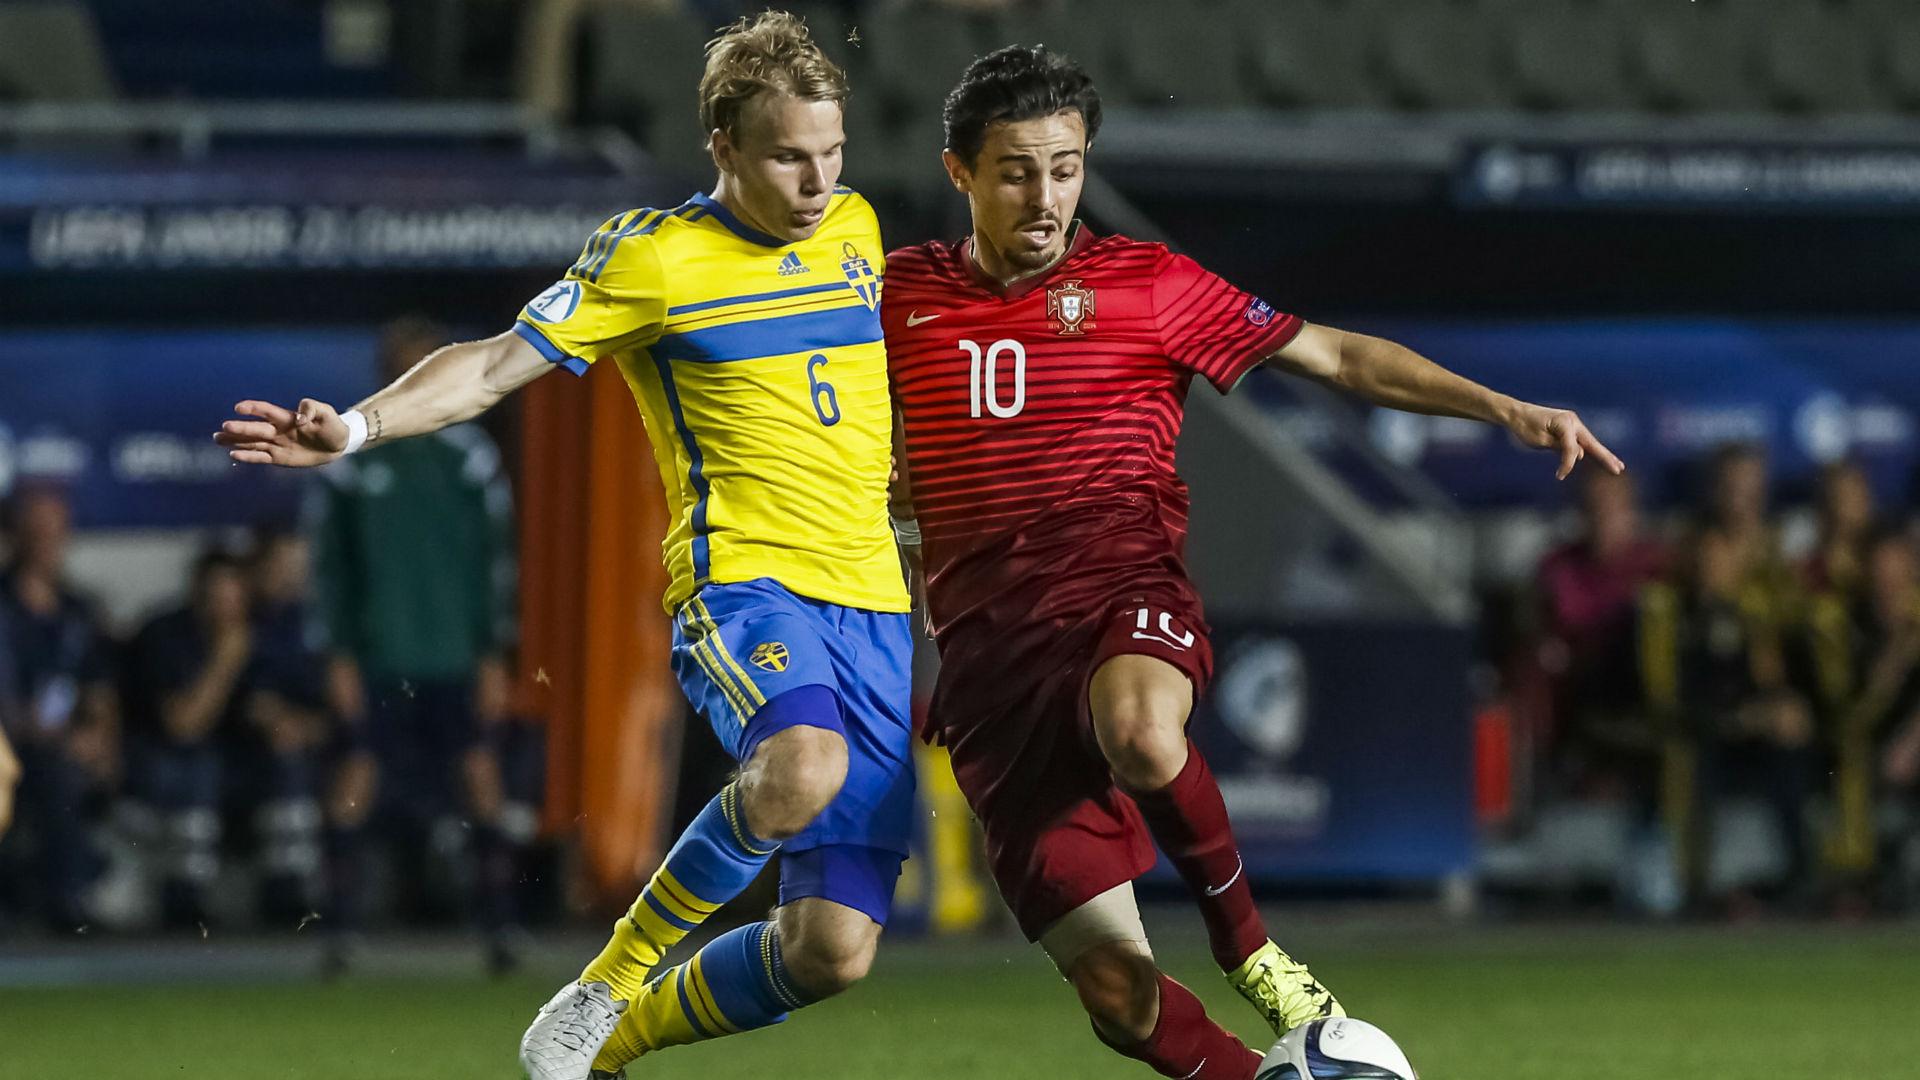 Sweden Portugal Under-21 Euros 2015